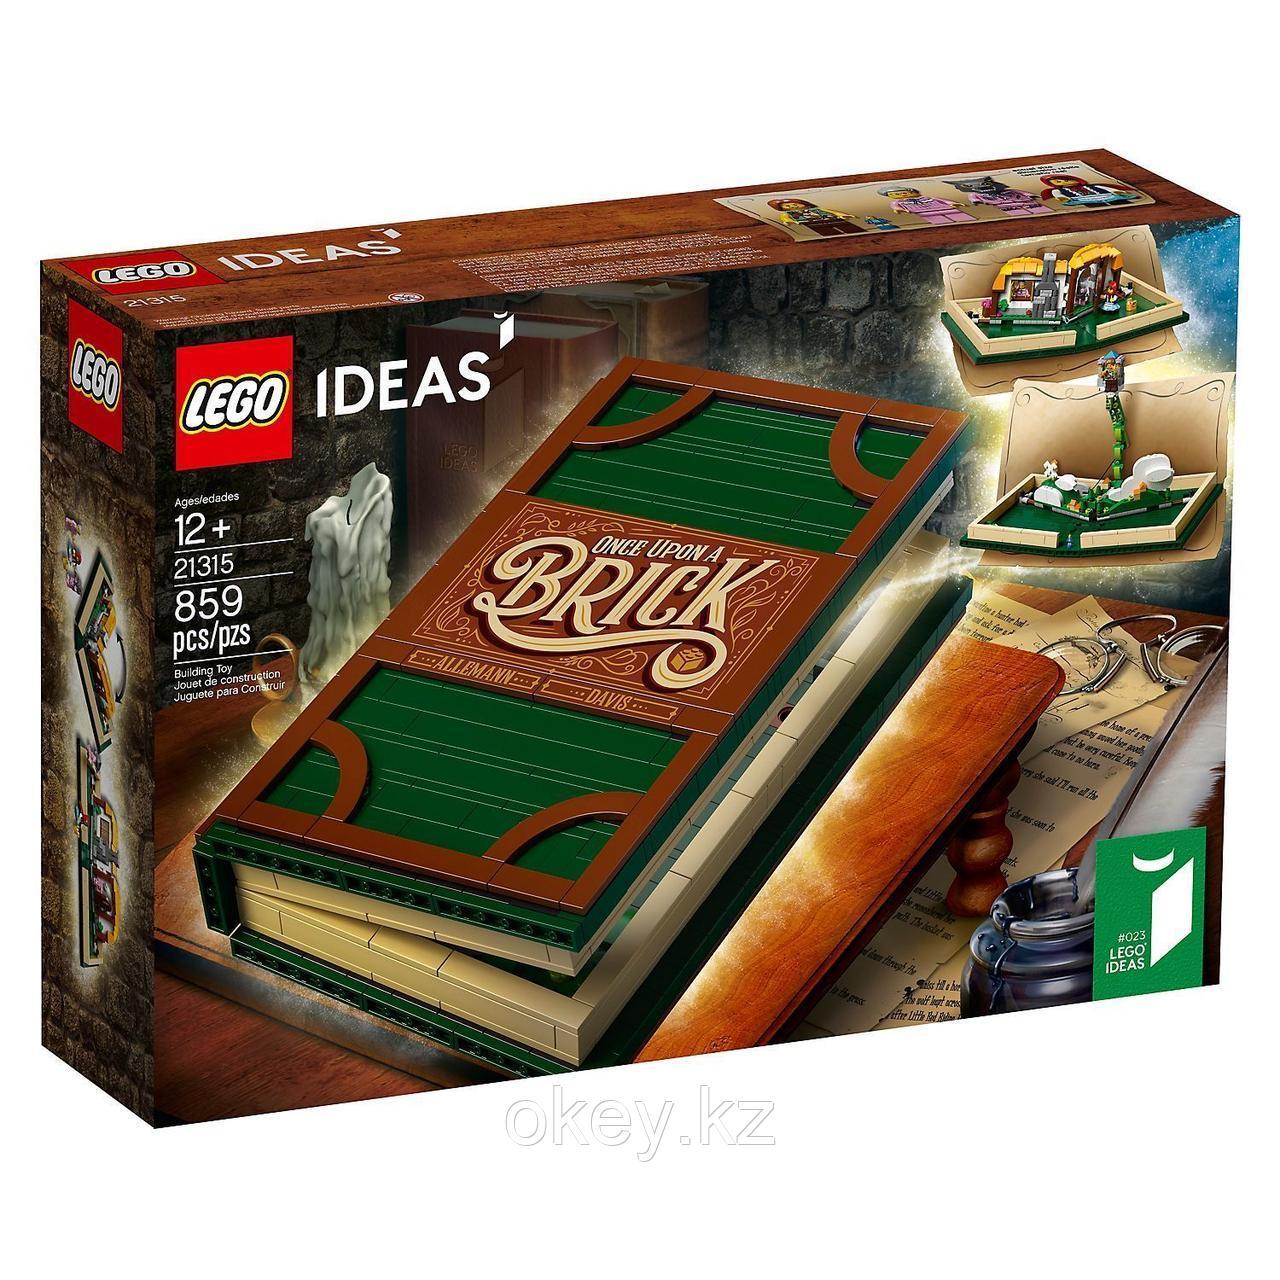 LEGO Ideas: Раскрывающаяся книга 21315